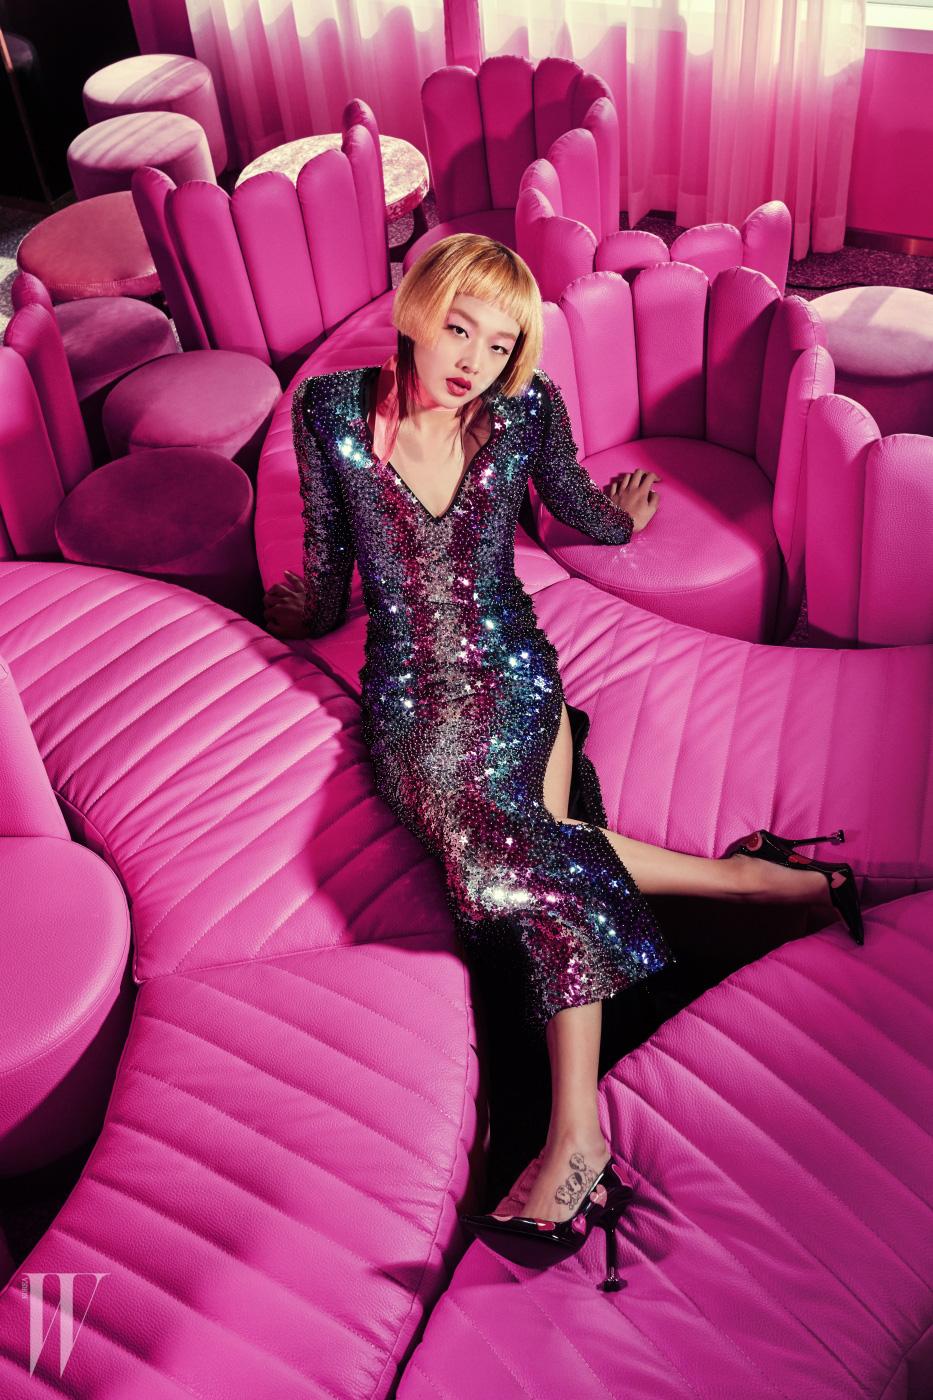 반짝이는 별로 뒤덮인 드레스는 Dsquared2, 하트 장식 힐은 Prada 제품.